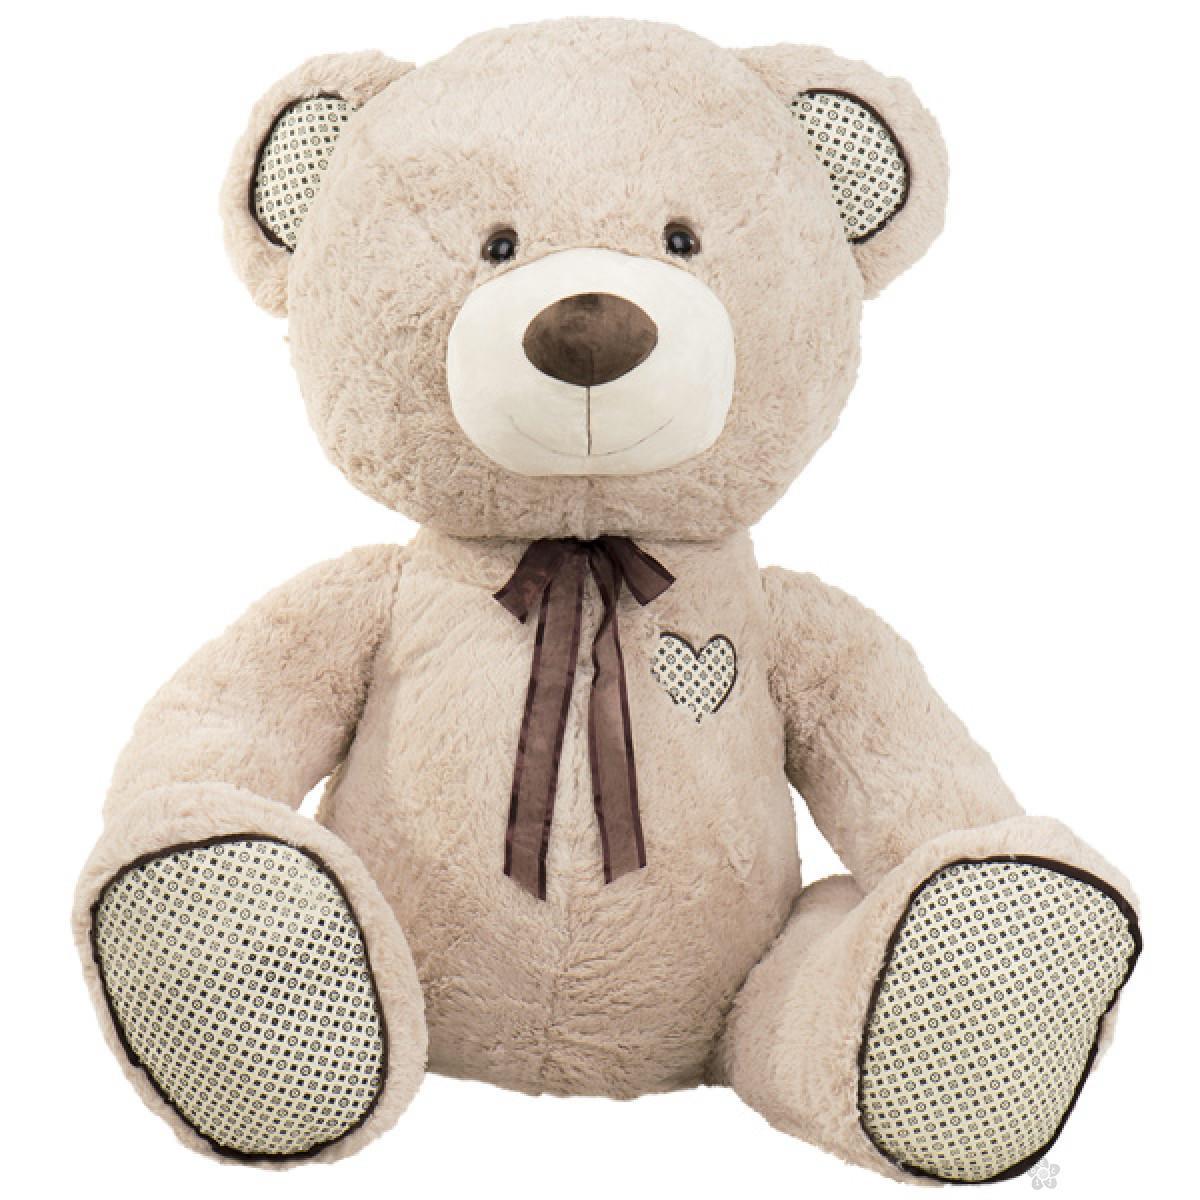 Plišana igračka medved veliki bež 20012